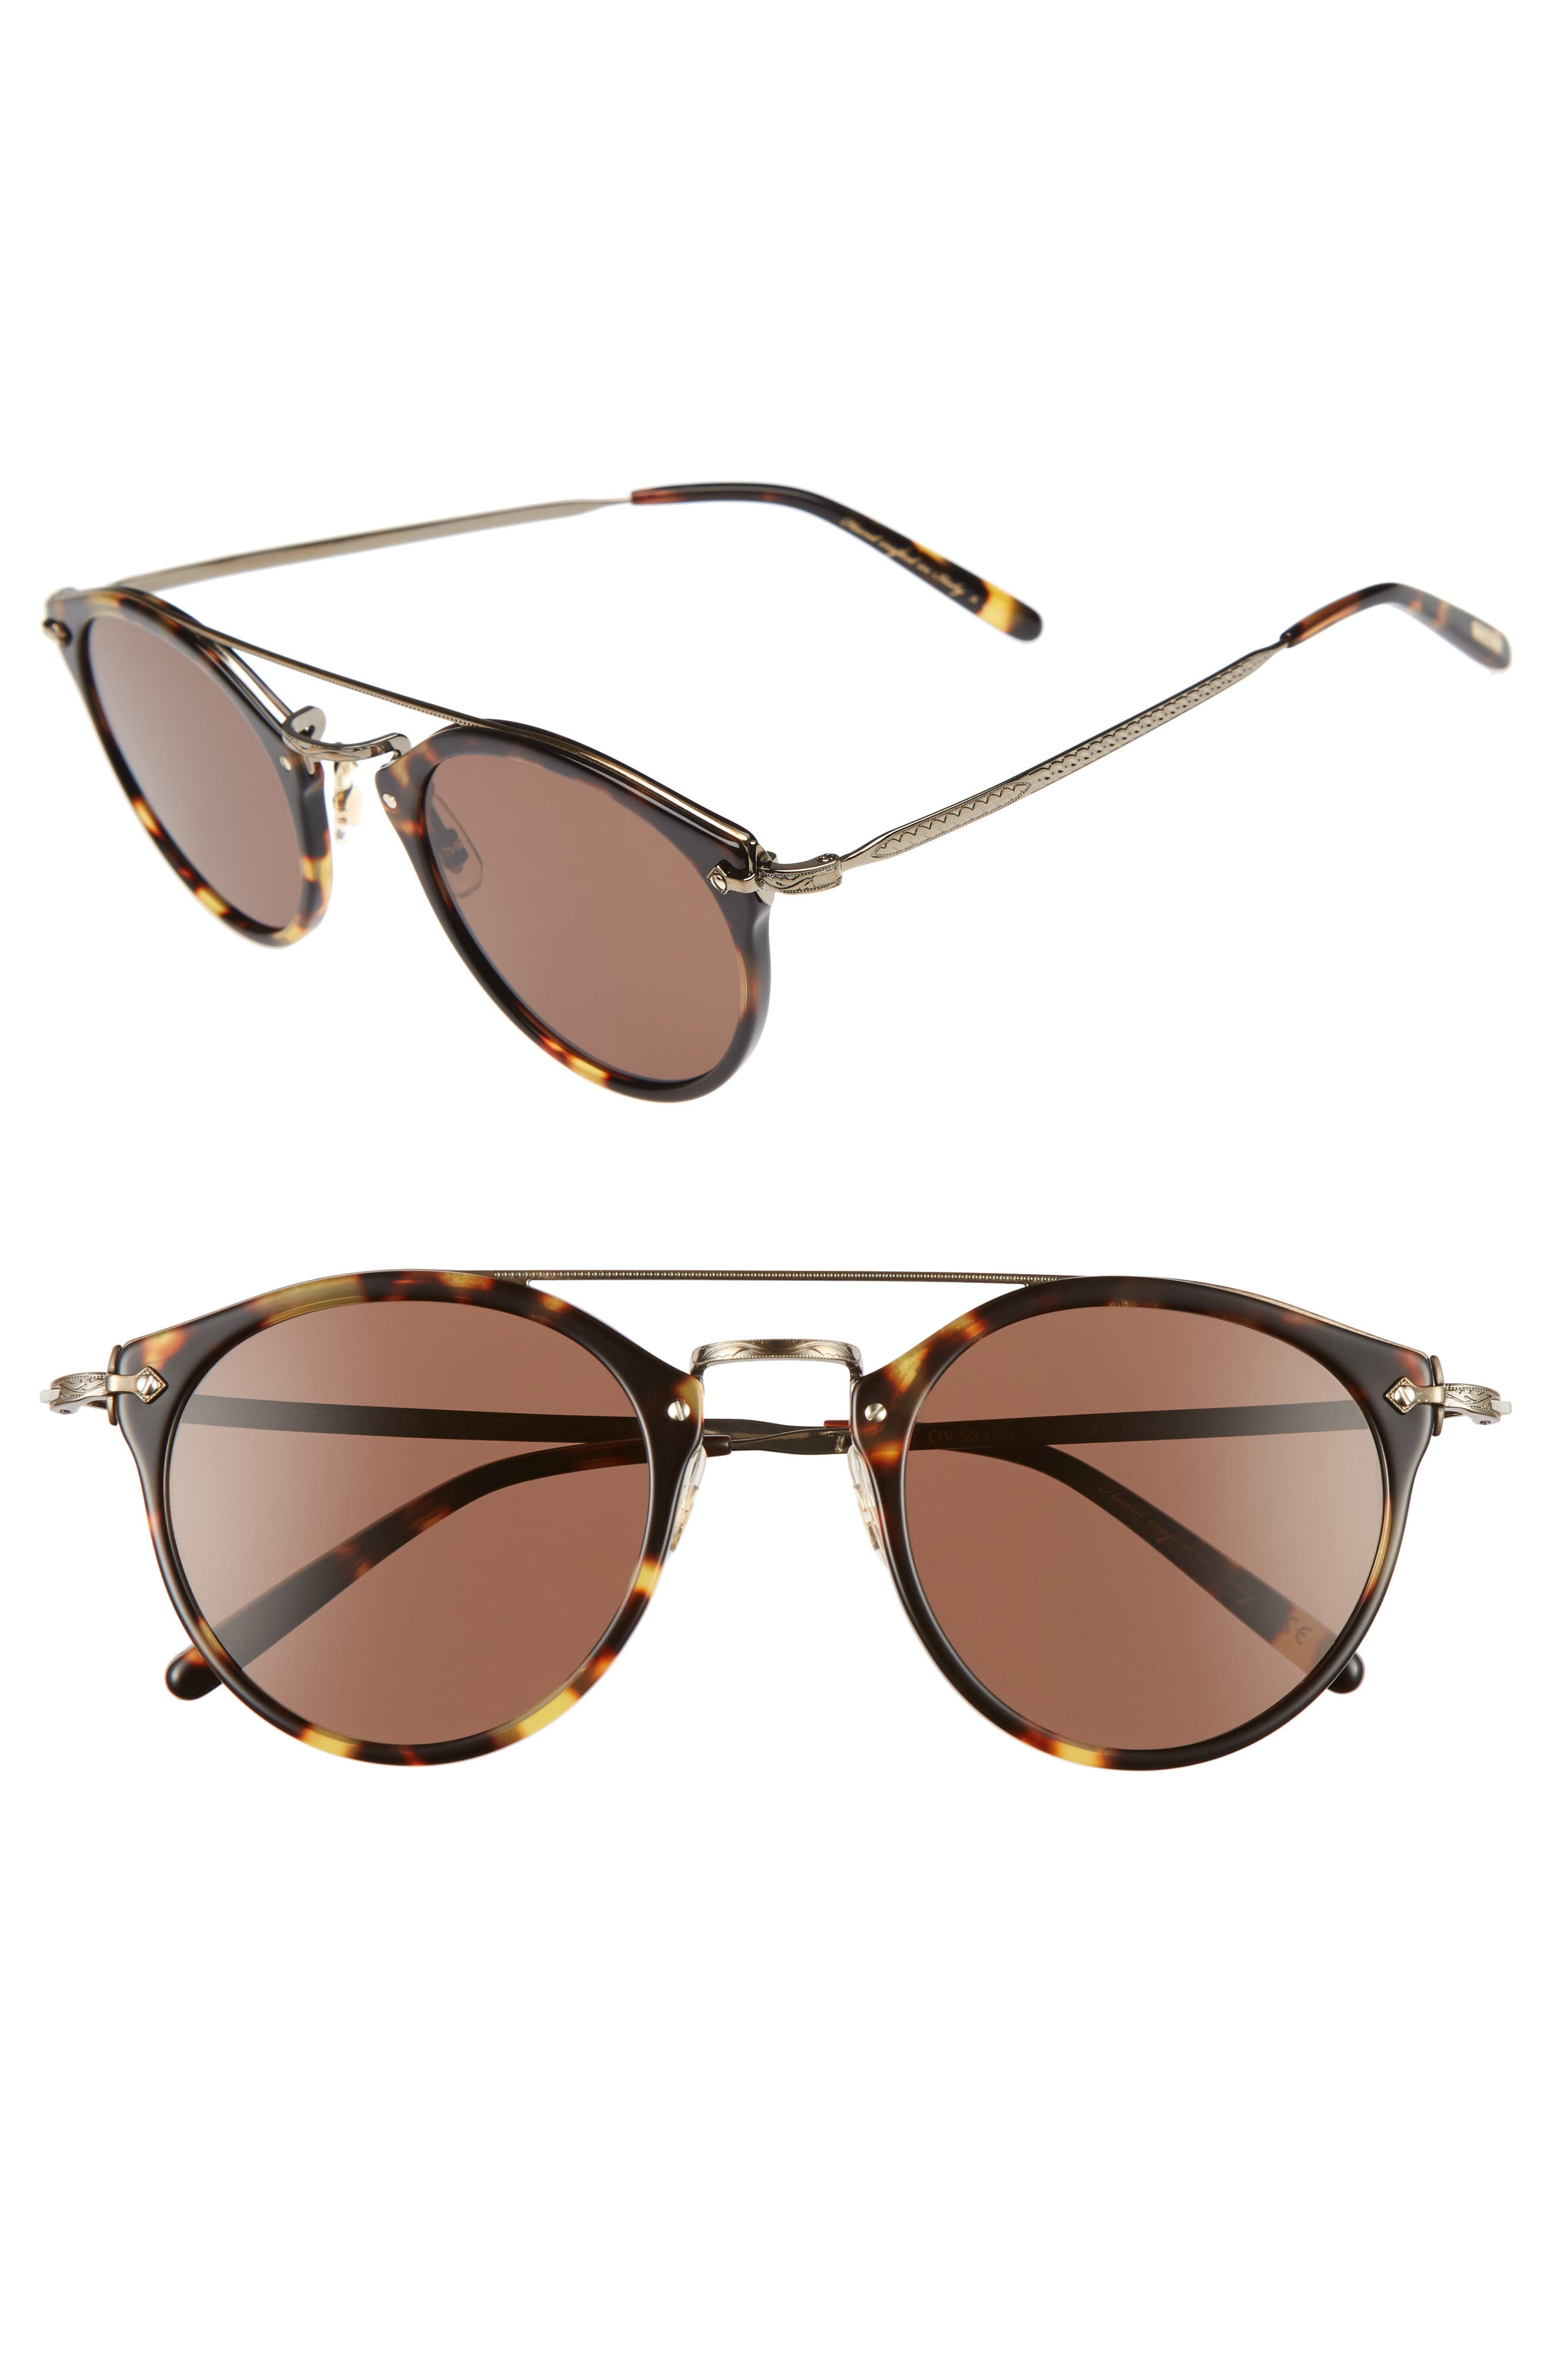 Remick 50mm Brow Bar Sunglasses,                         Main,                         color, Dark Brown